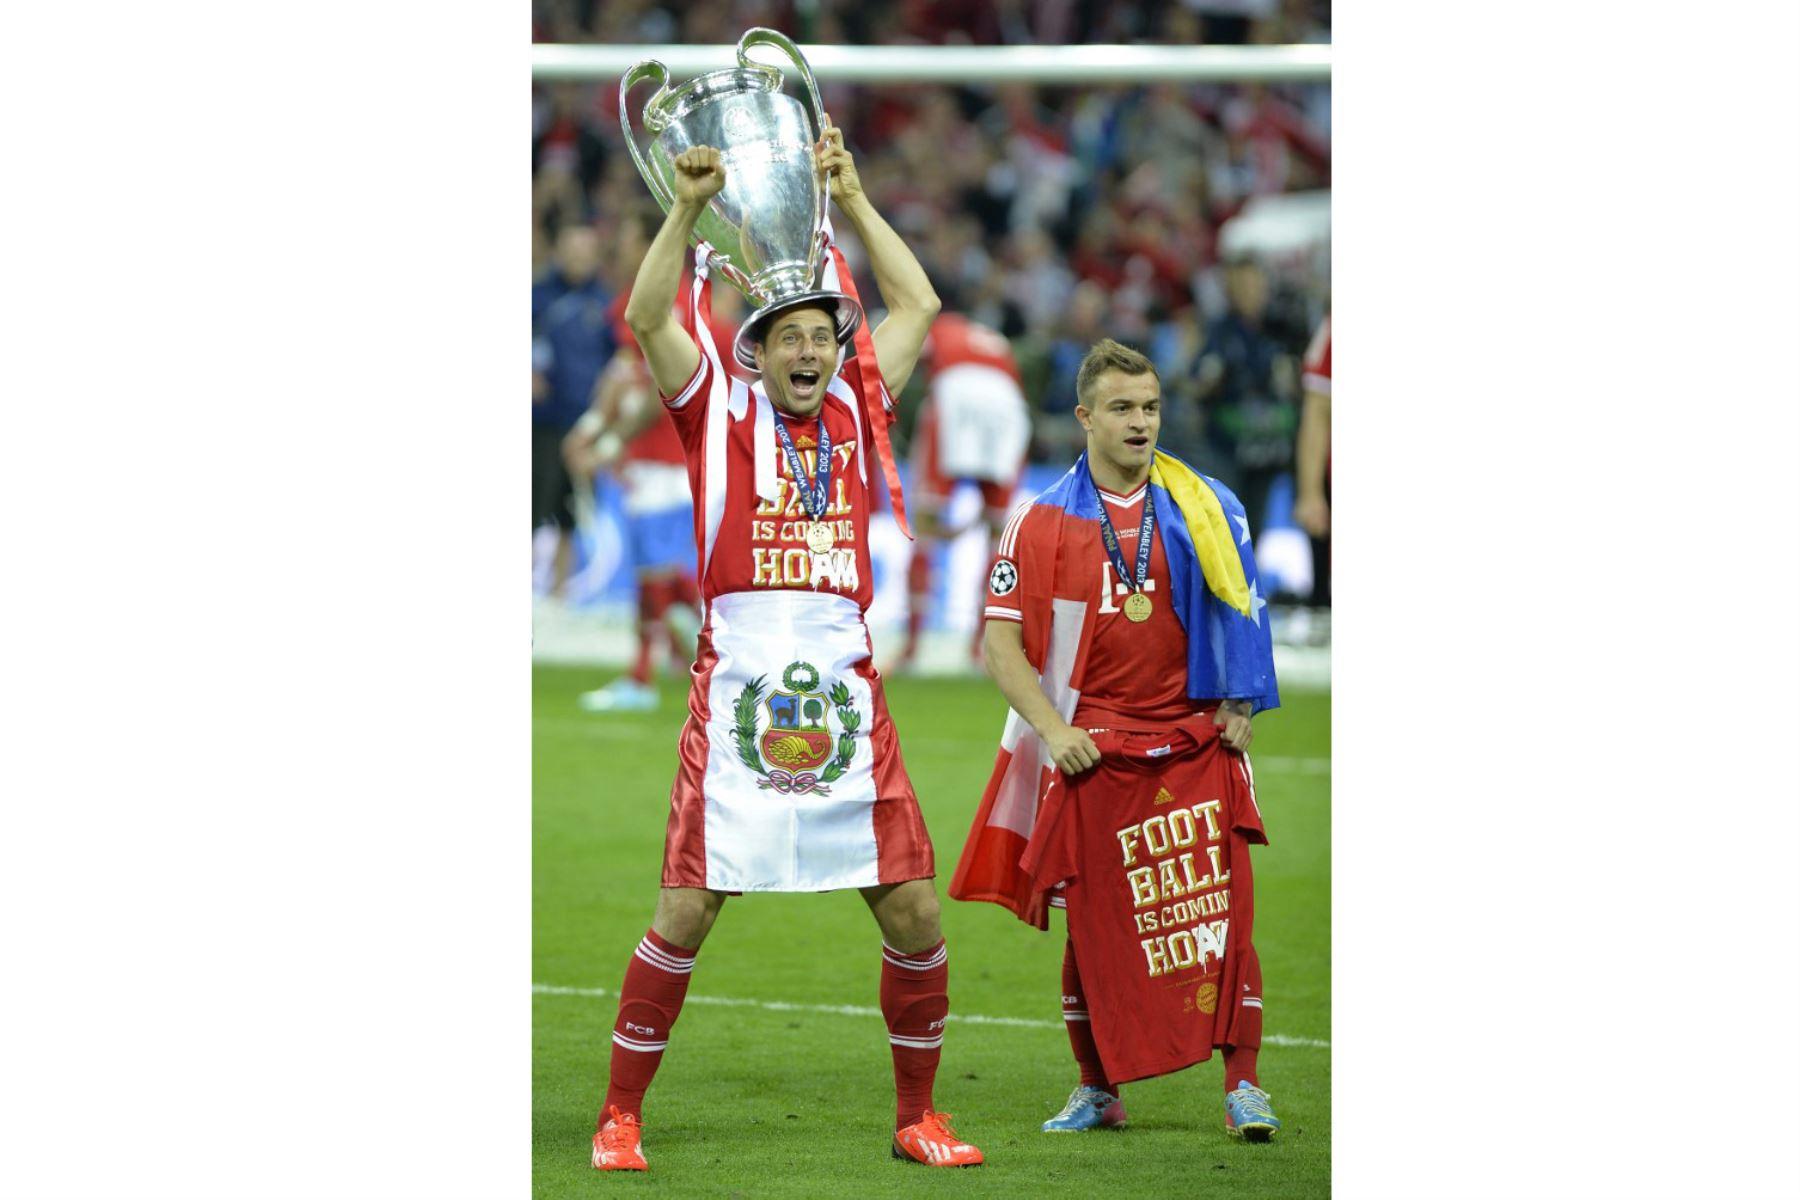 El delantero peruano del Bayern Munich Claudio Pizarro  celebra con el trofeo en el campo después de su victoria en el partido de fútbol final de la UEFA Champions League entre el Borussia Dortmund y el Bayern Munich en el estadio de Wembley en Londres. Foto: AFP